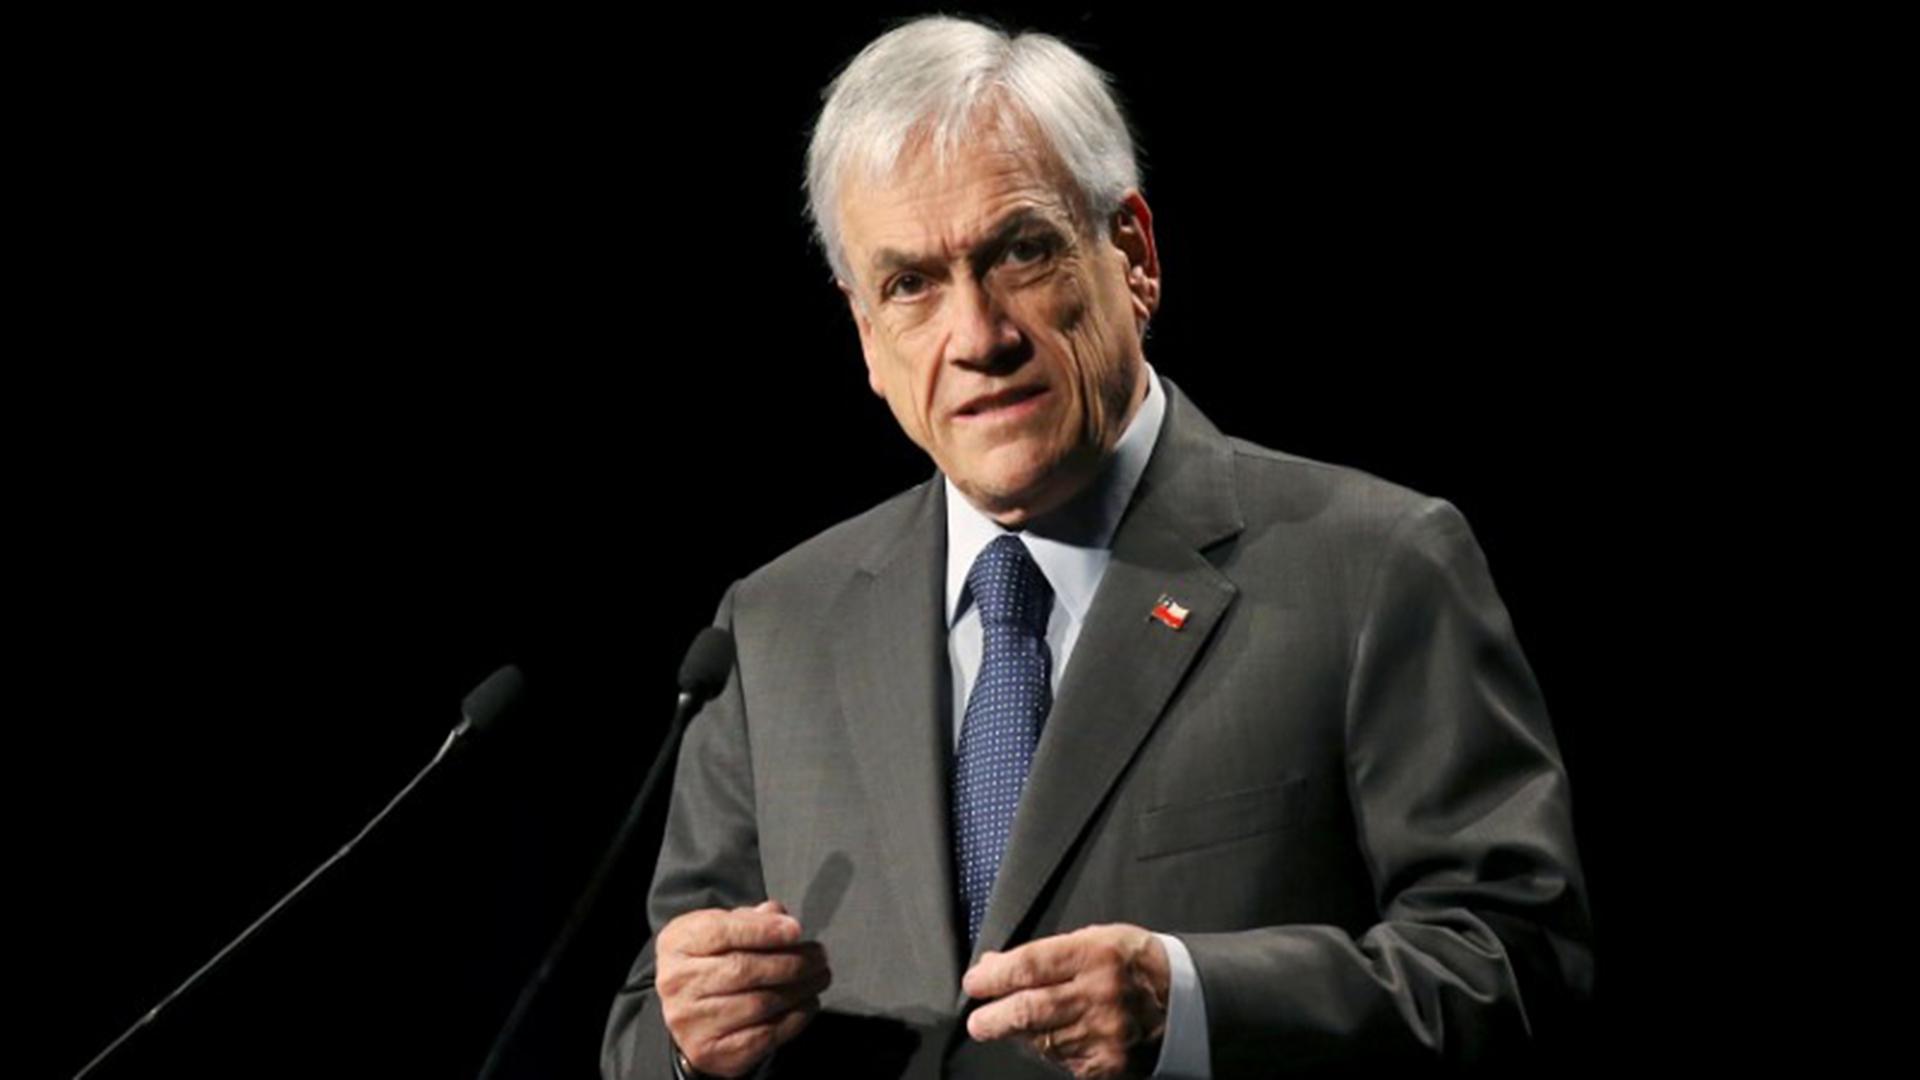 Aprobación de Piñera cae 10 puntos y alcanza su nivel más bajo desde iniciada la pandemia